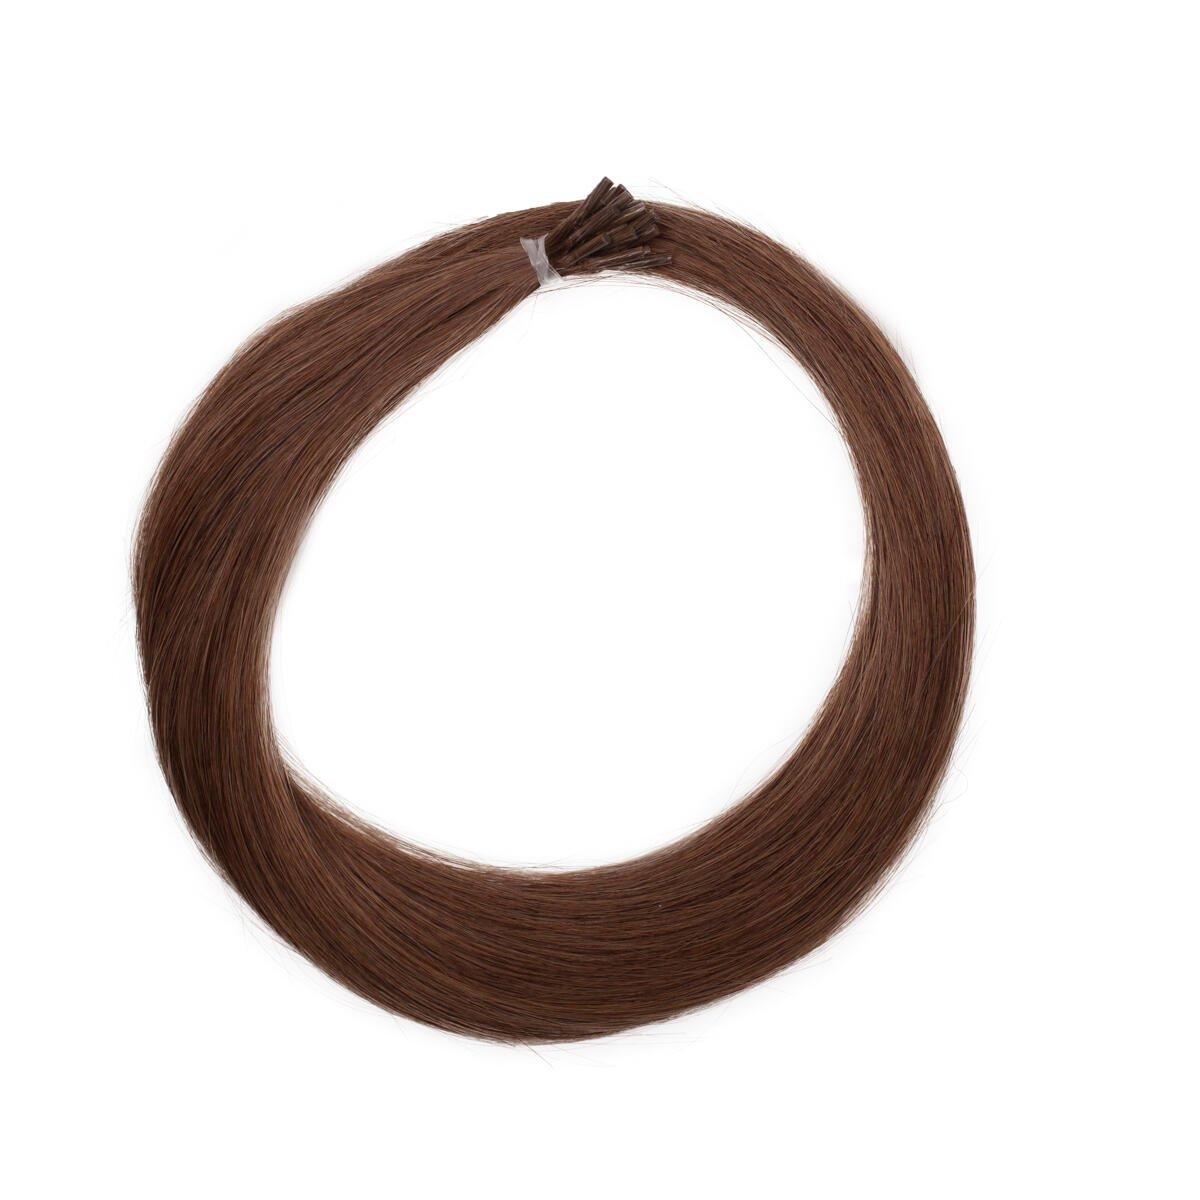 Stick Hair 5.1 Medium Ash Brown 50 cm